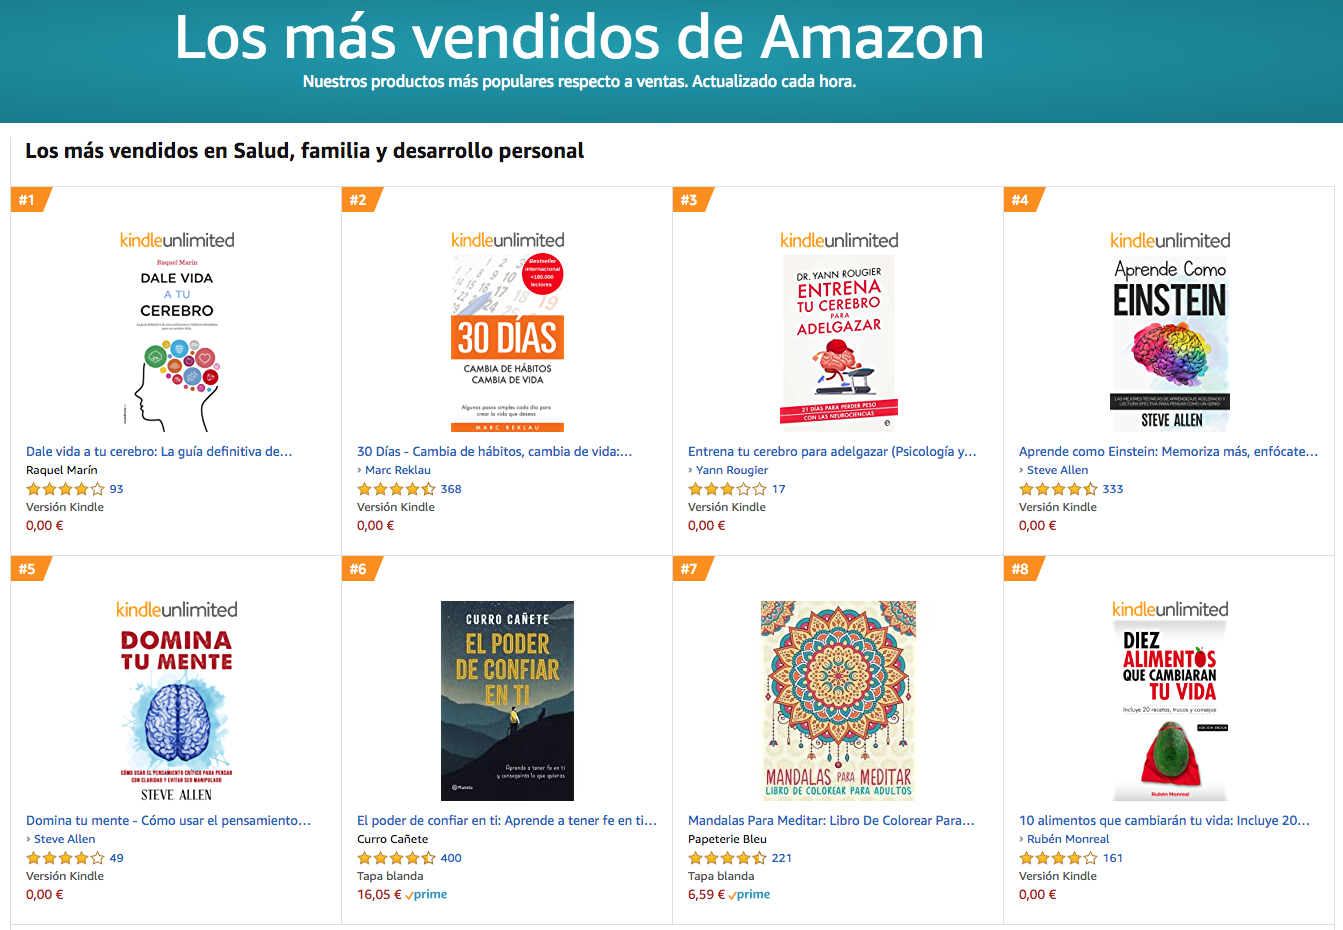 Los 10 libros más vendidos en Salud, familia y desarrollo personal en Amazon